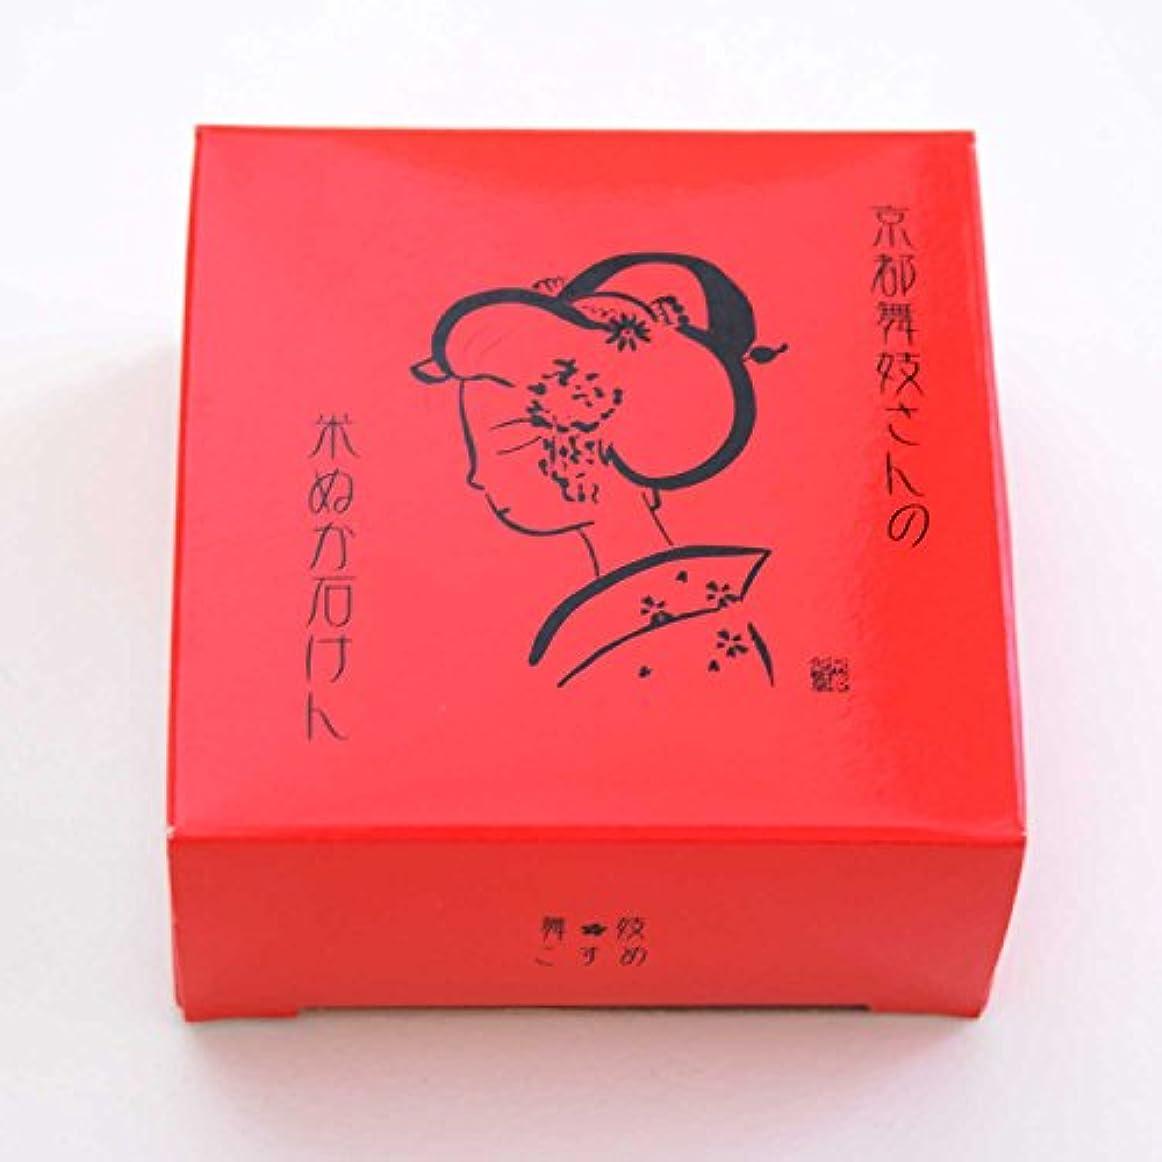 季節擬人スポーツ京都限定 舞妓さんの米ぬか石鹸 米ぬかエキス配合 無香料 無着色